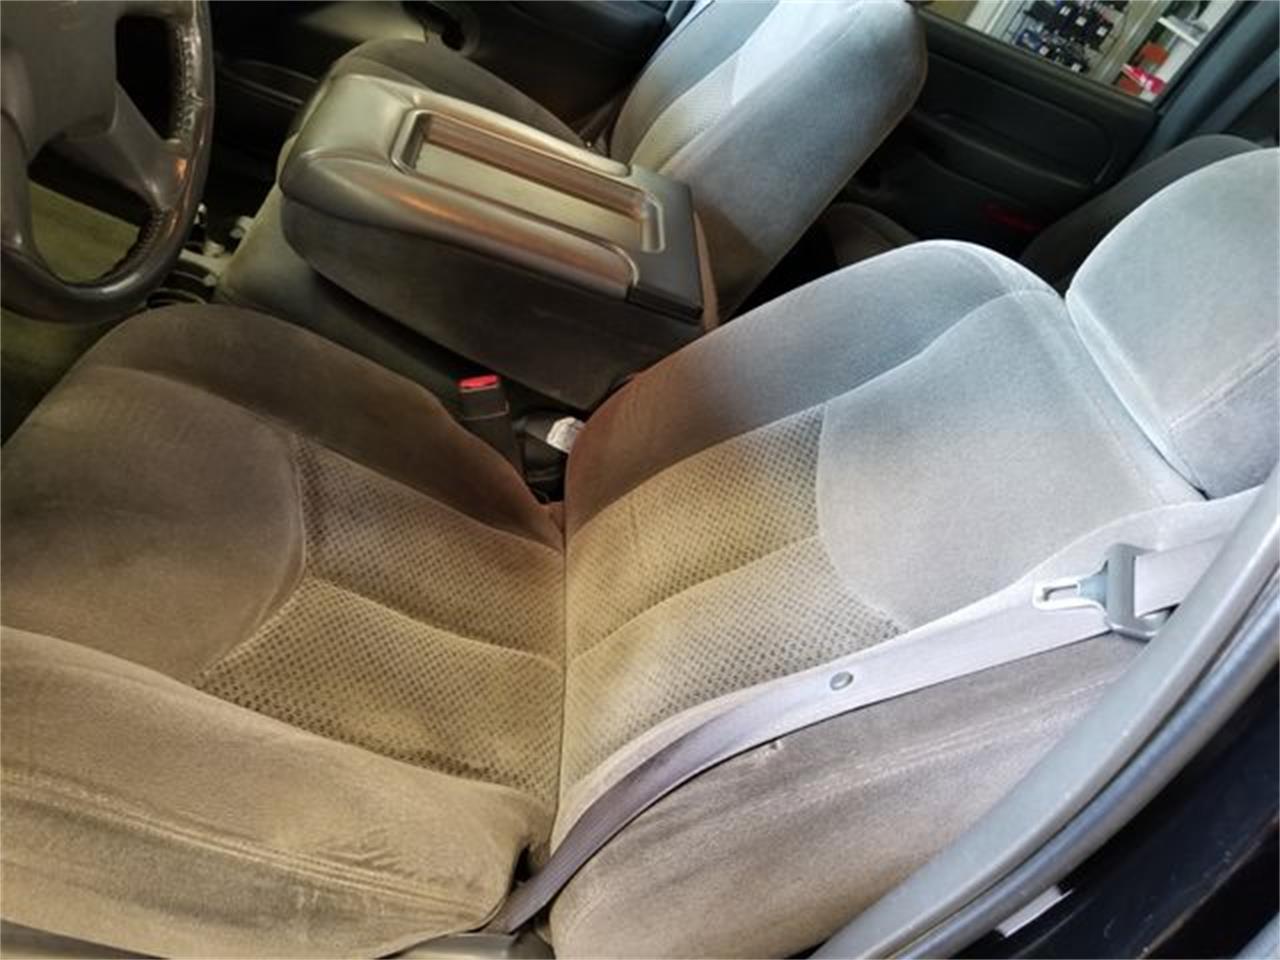 2006 Chevrolet Silverado (CC-1236657) for sale in Upper Sandusky, Ohio